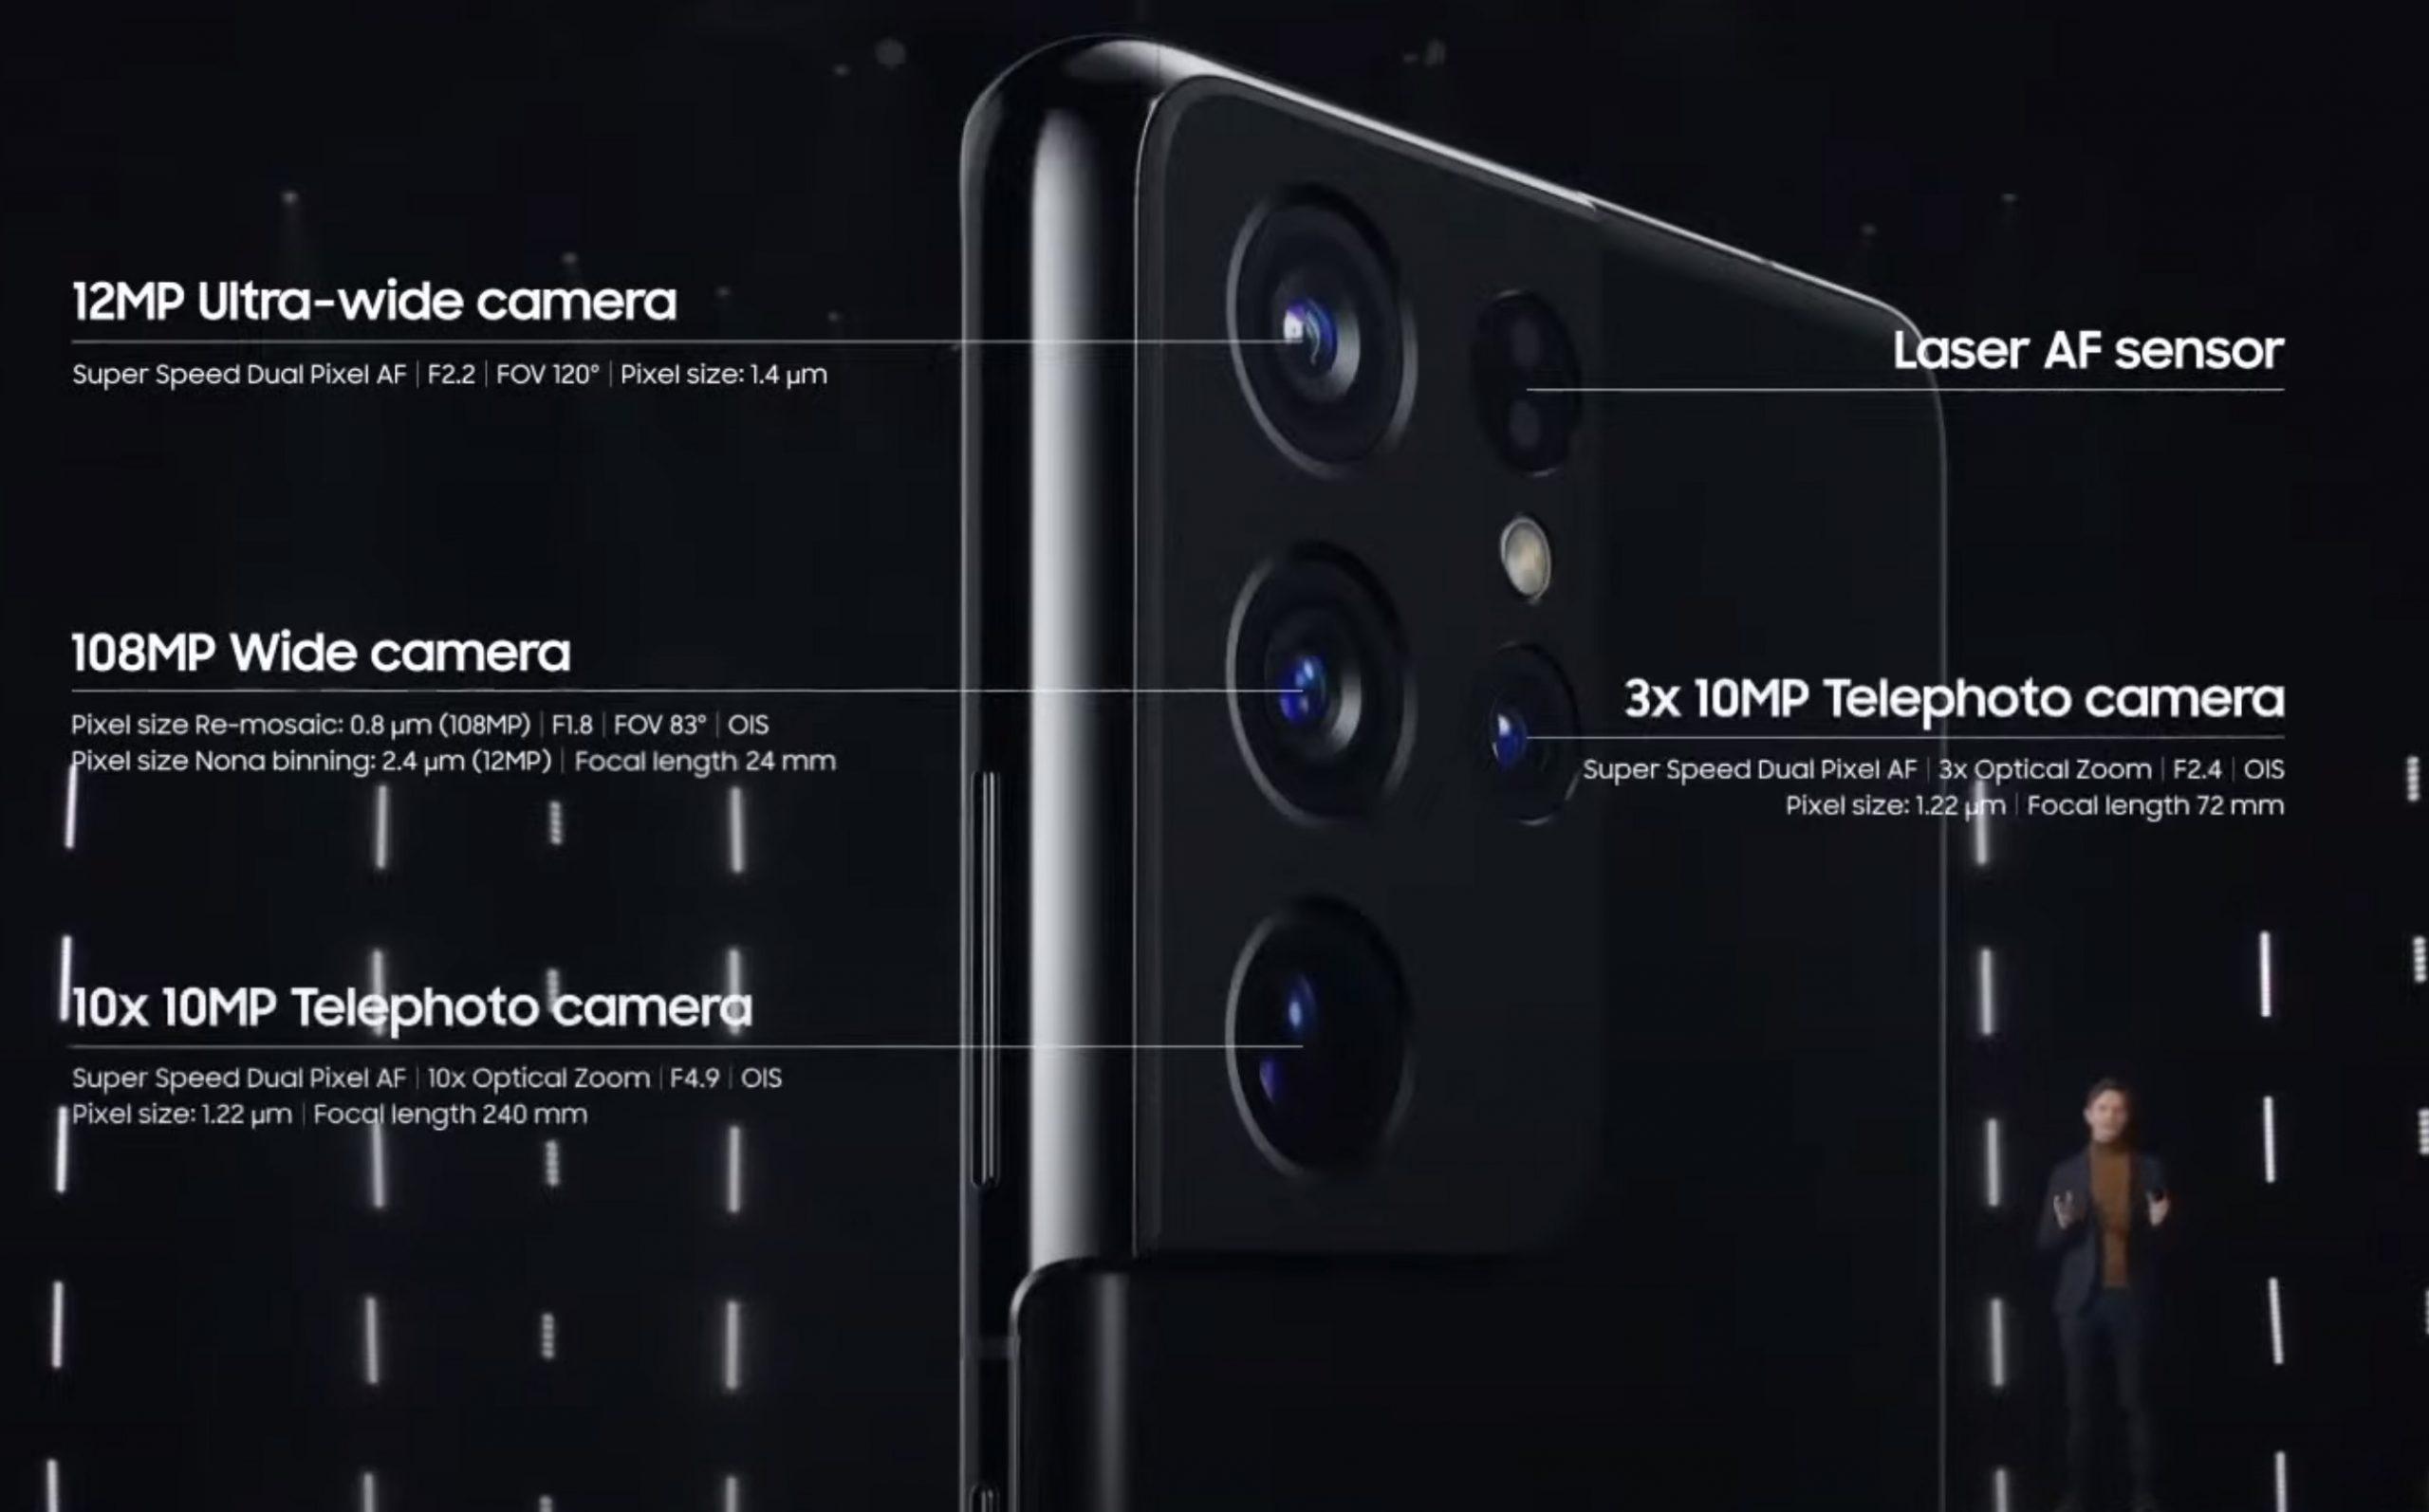 Samsung Galaxy S22 sẽ không có cảm biến 3D ToF